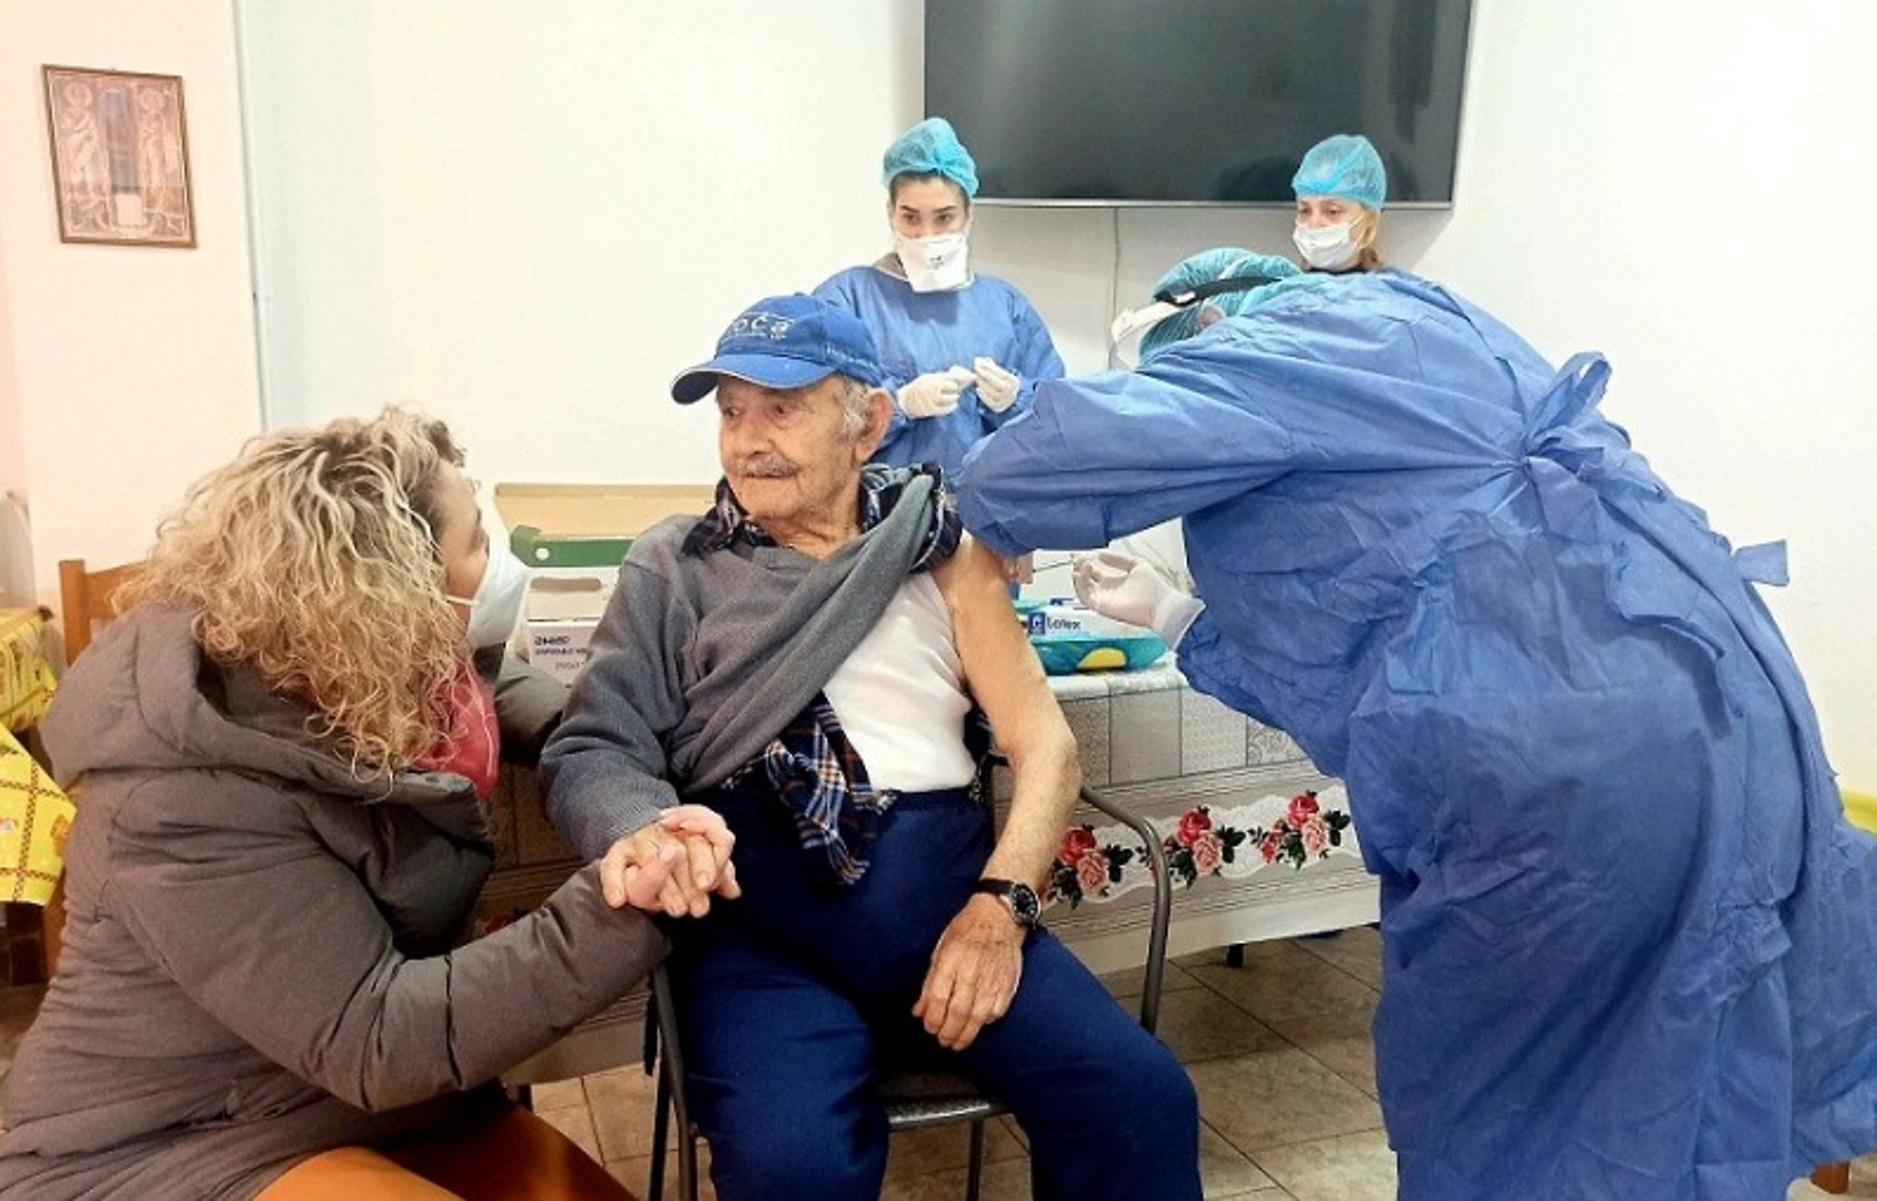 Κρήτη – κορονοϊός: 95χρονος ο πρώτος που εμβολιάστηκε σε γηροκομείο (pic)